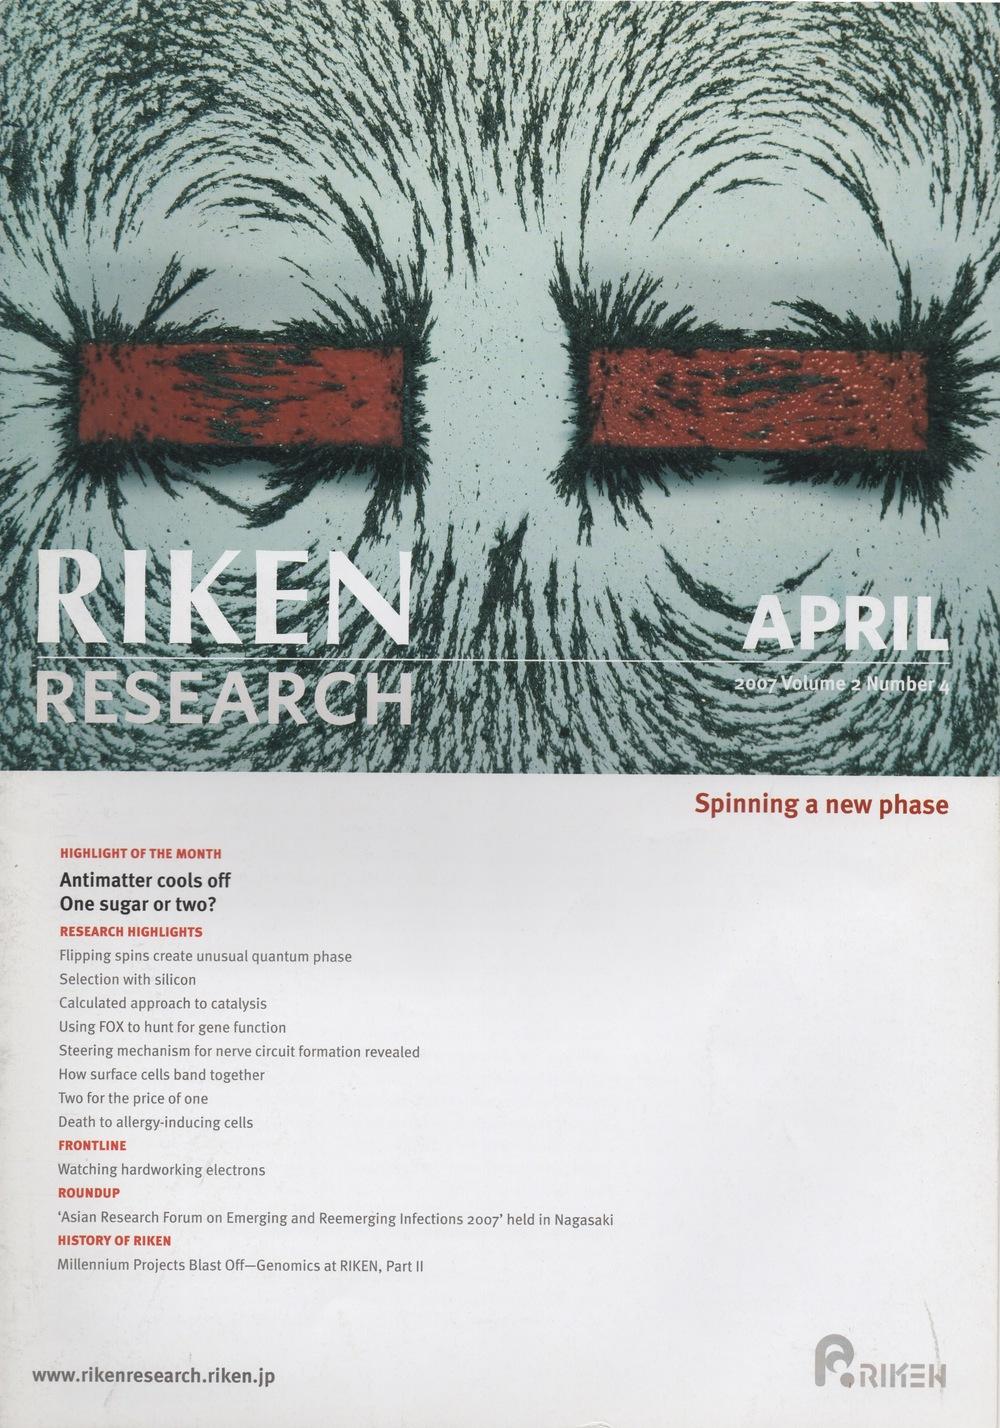 RIKEN Research